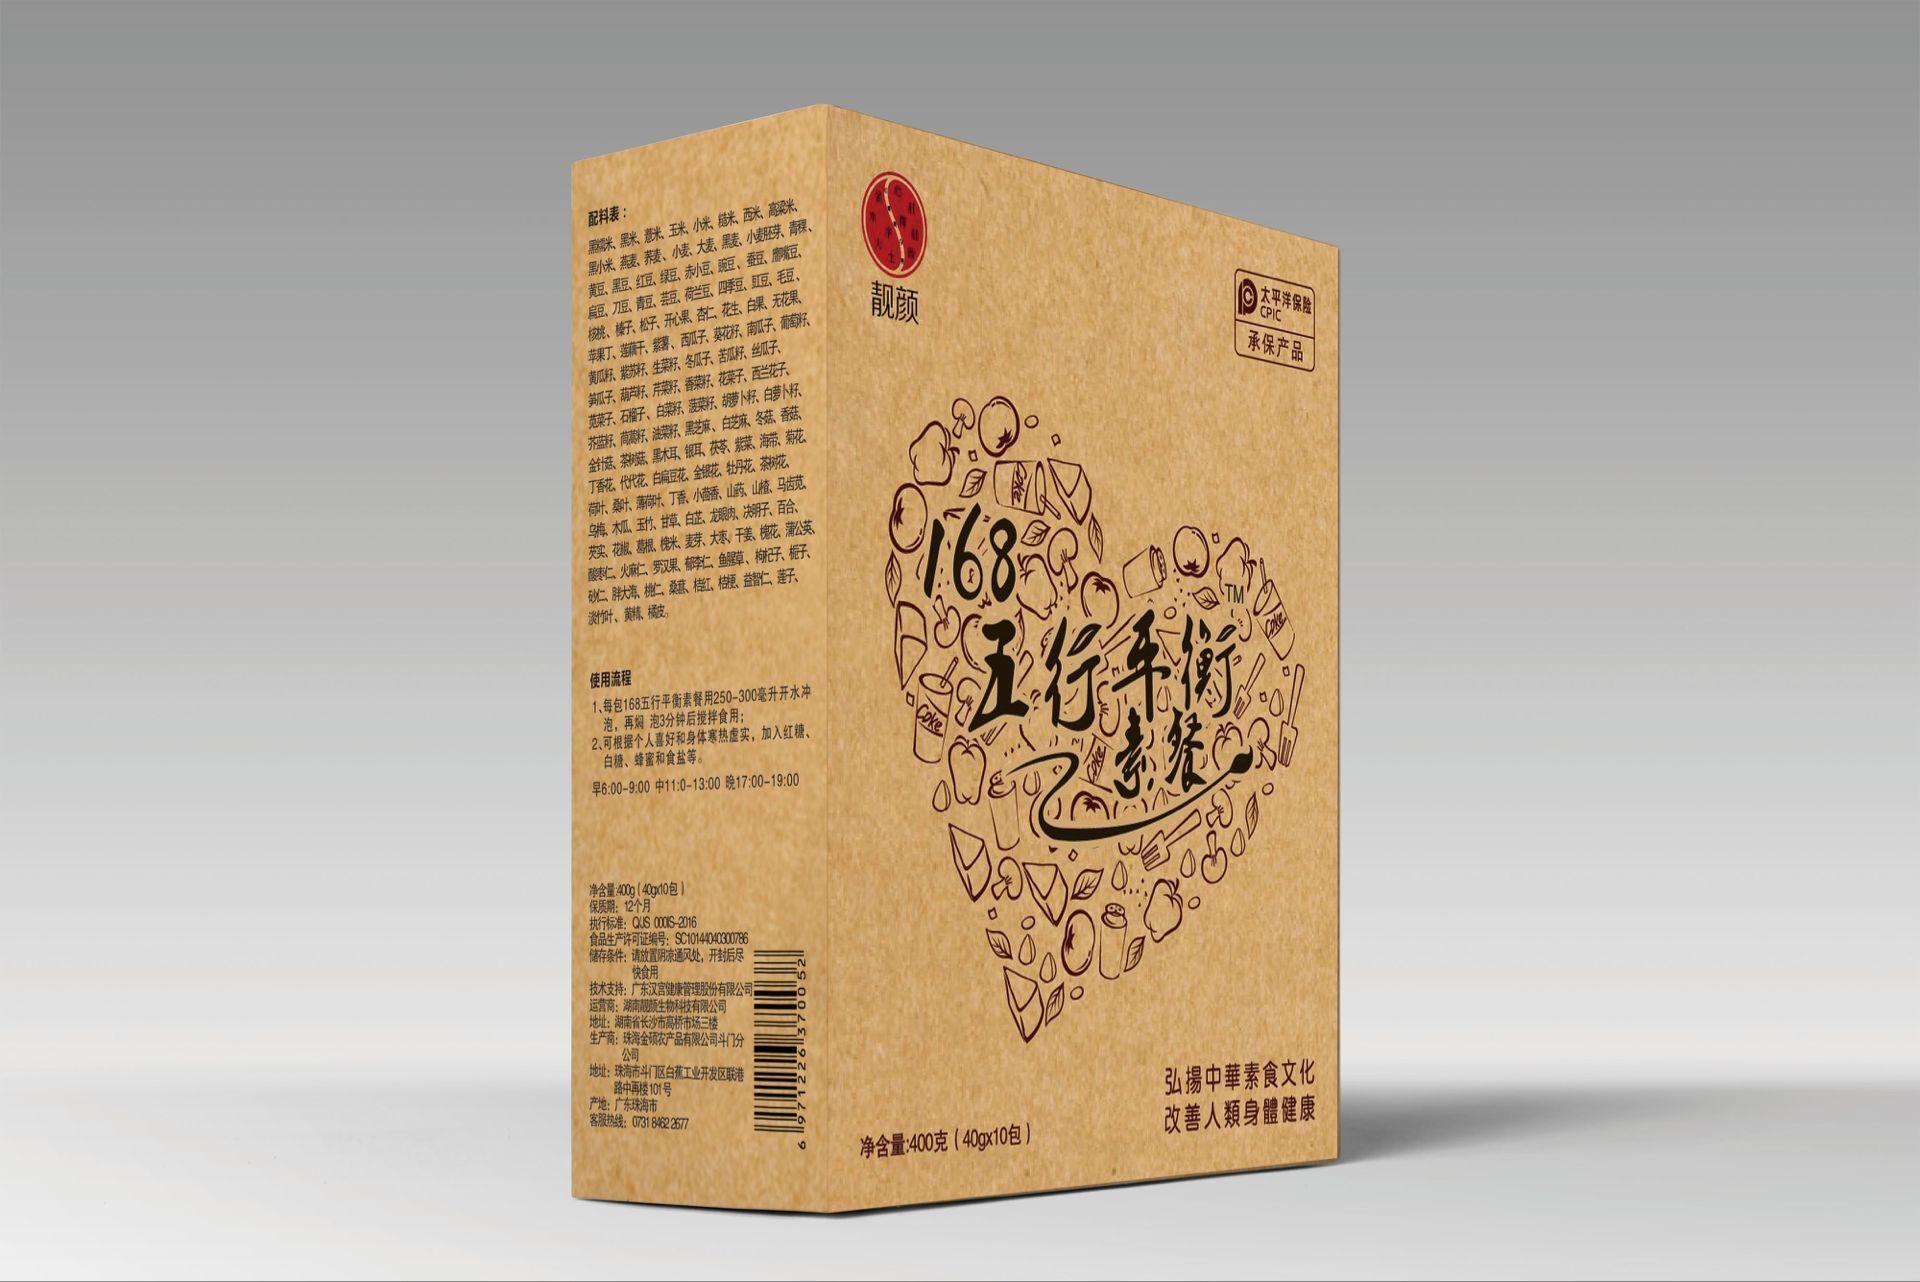 素餐包装盒